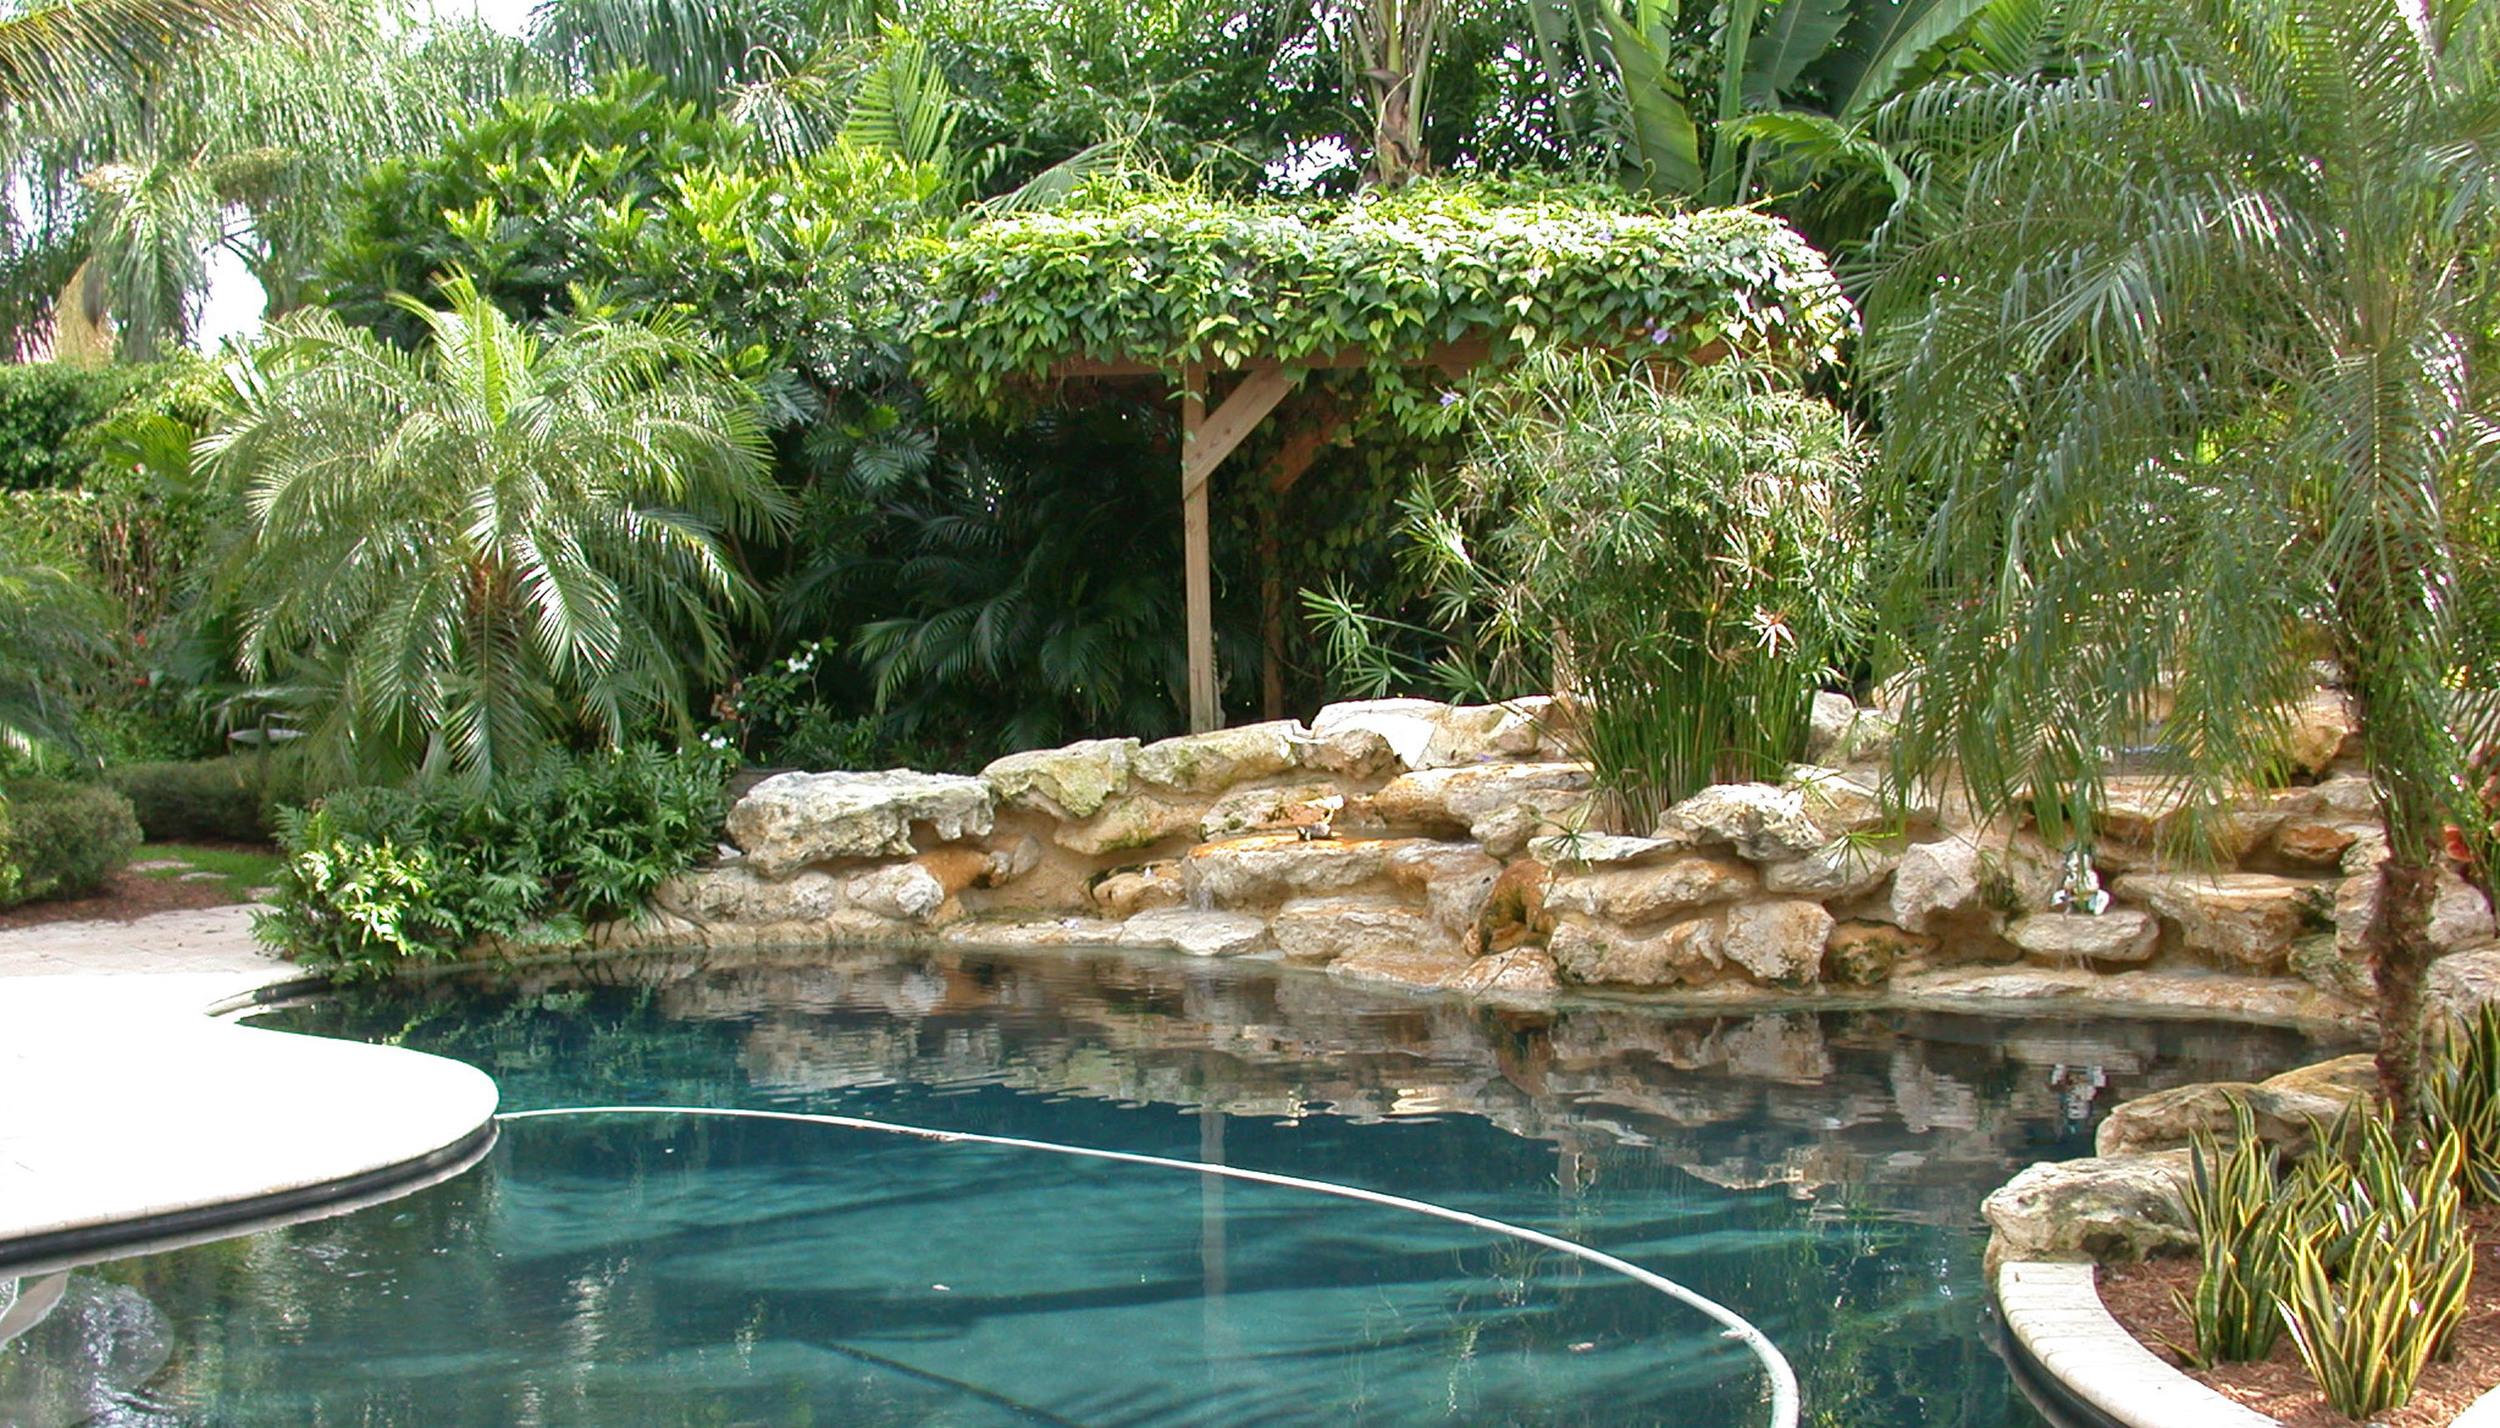 Steeplechase Residence Tropical Landscaping.JPG